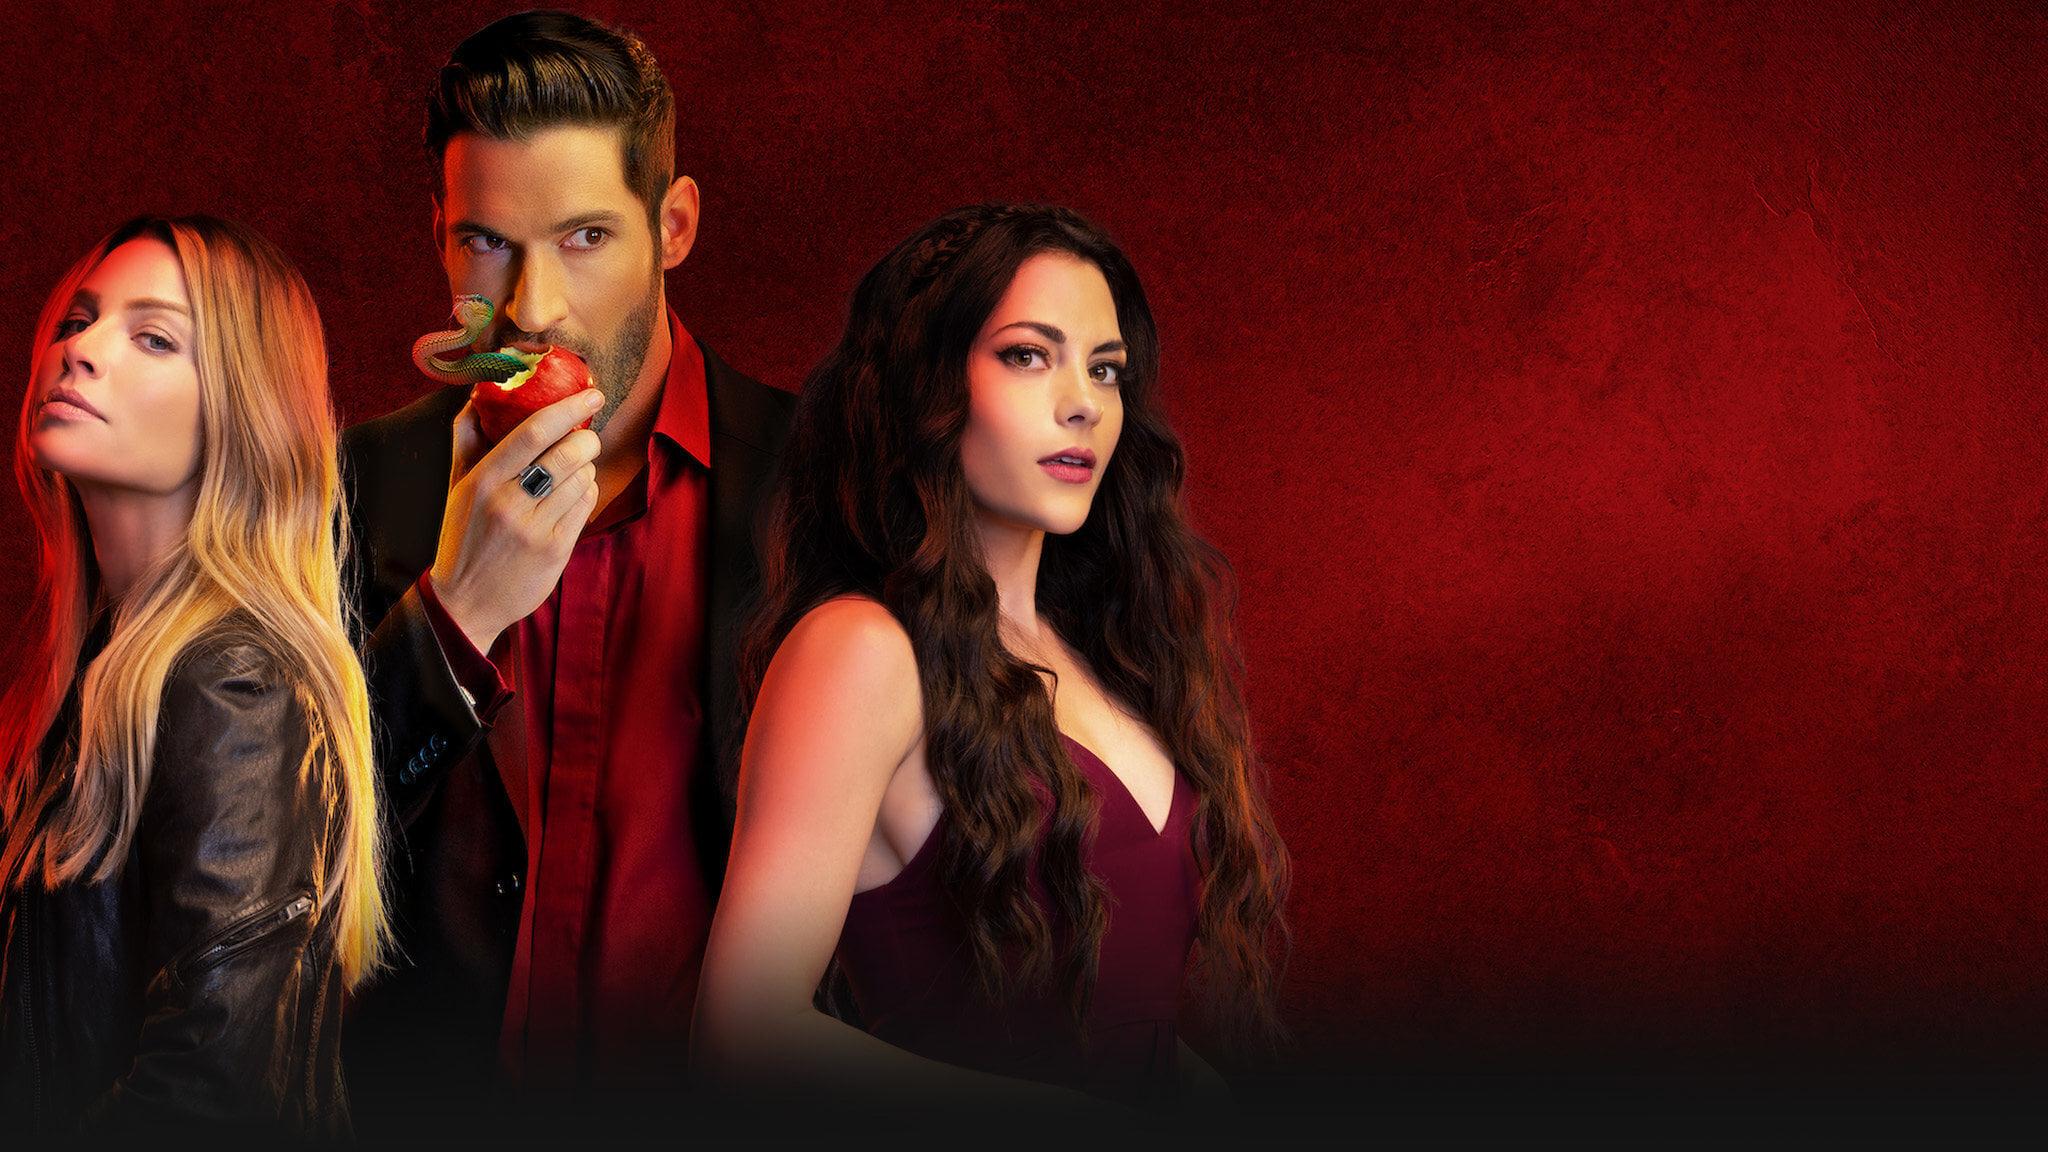 Lucifer - Season 3